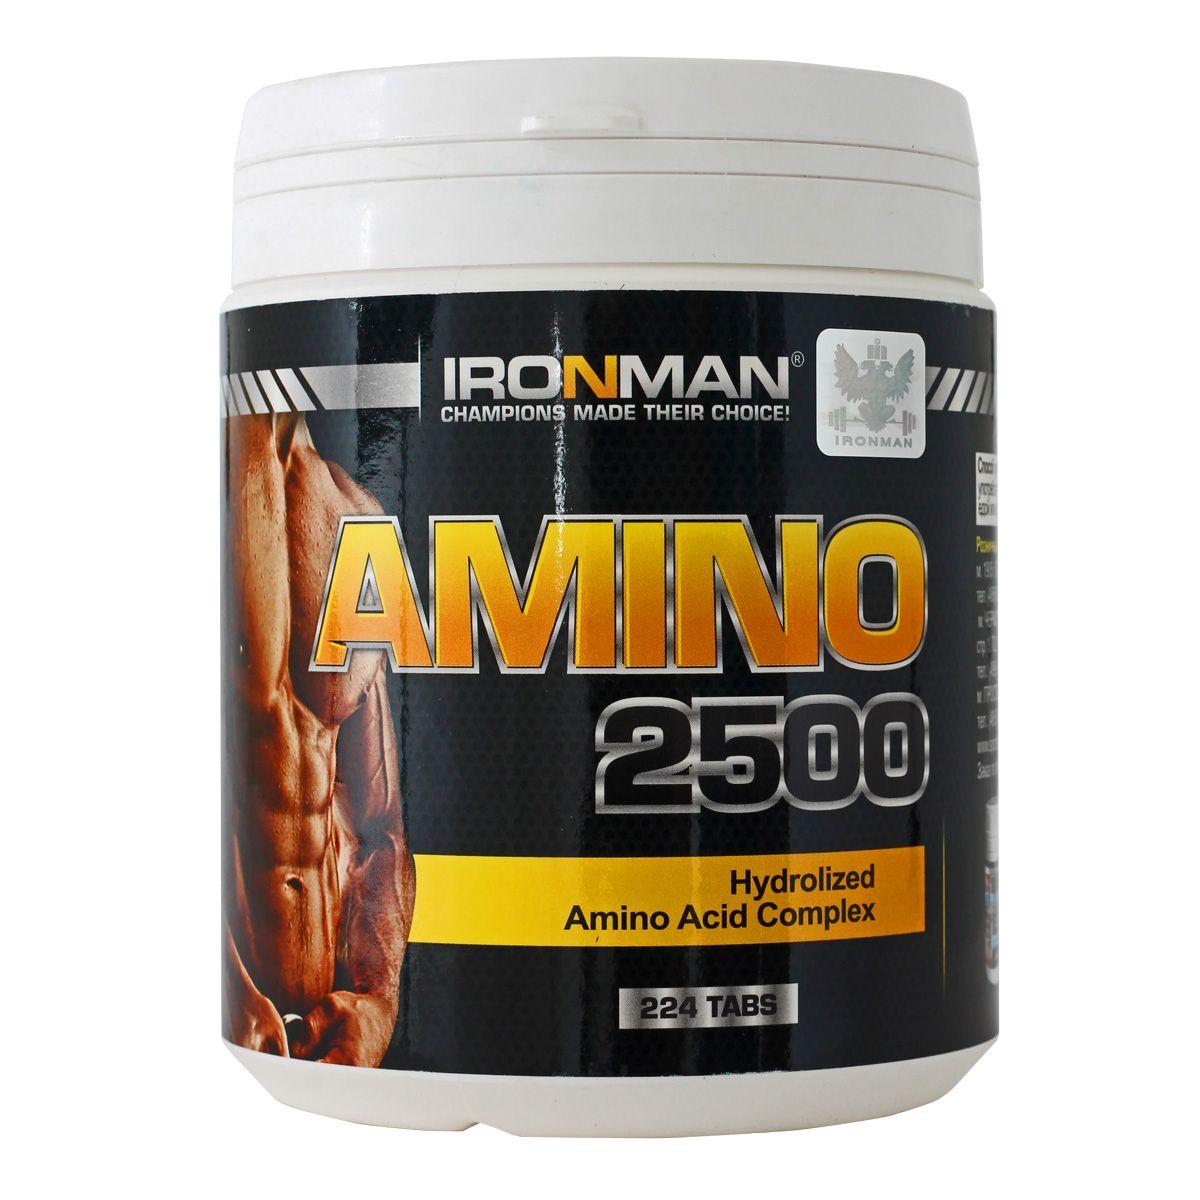 Ironman Амино 2500, 224 таблеток4607062756300Amino 2500 - это научно-сбалансированный источник аминокислот, позволяющий эффективно восстановить аминокислотный баланс в мышцах, в том числе после интенсивной тренировки. Amino 2500произведен из сывороточных белков и обладает наивысшей биологической ценностью благодаря полному гидролизу до свободных аминокислот, ди- и трипептидов. В комплекс специально добавлен витамин В6, способствующий эффективному усвоению аминокислот. Применение комплекса Amino 2500 должно быть увязано с программой питания и тренировок. И таблетки, и капсулы легко проглатываются. Продукт не содержит искусственных красителей и добавок Состав: Белок 2,5 г, калории 0,5 кКал, L-Карнитин 10 мг , Витамин В6 12,5 мг Аминокислотный состав в 2-х таблетках: Аланин 135 мг,аргинин 63 мг, аспарагиновая кислота 260 мг, *валин 145 мг, *гистидин 43 мг, глицин 45 мг, глютаминовая кислота 428 мг, *изолейцин 158 мг, *лейцин 263 мг, *лизин 218 мг, *метионин 45 мг, пролин 250 мг, серин 110 мг, *треонин 168 мг, *триптофан 40...